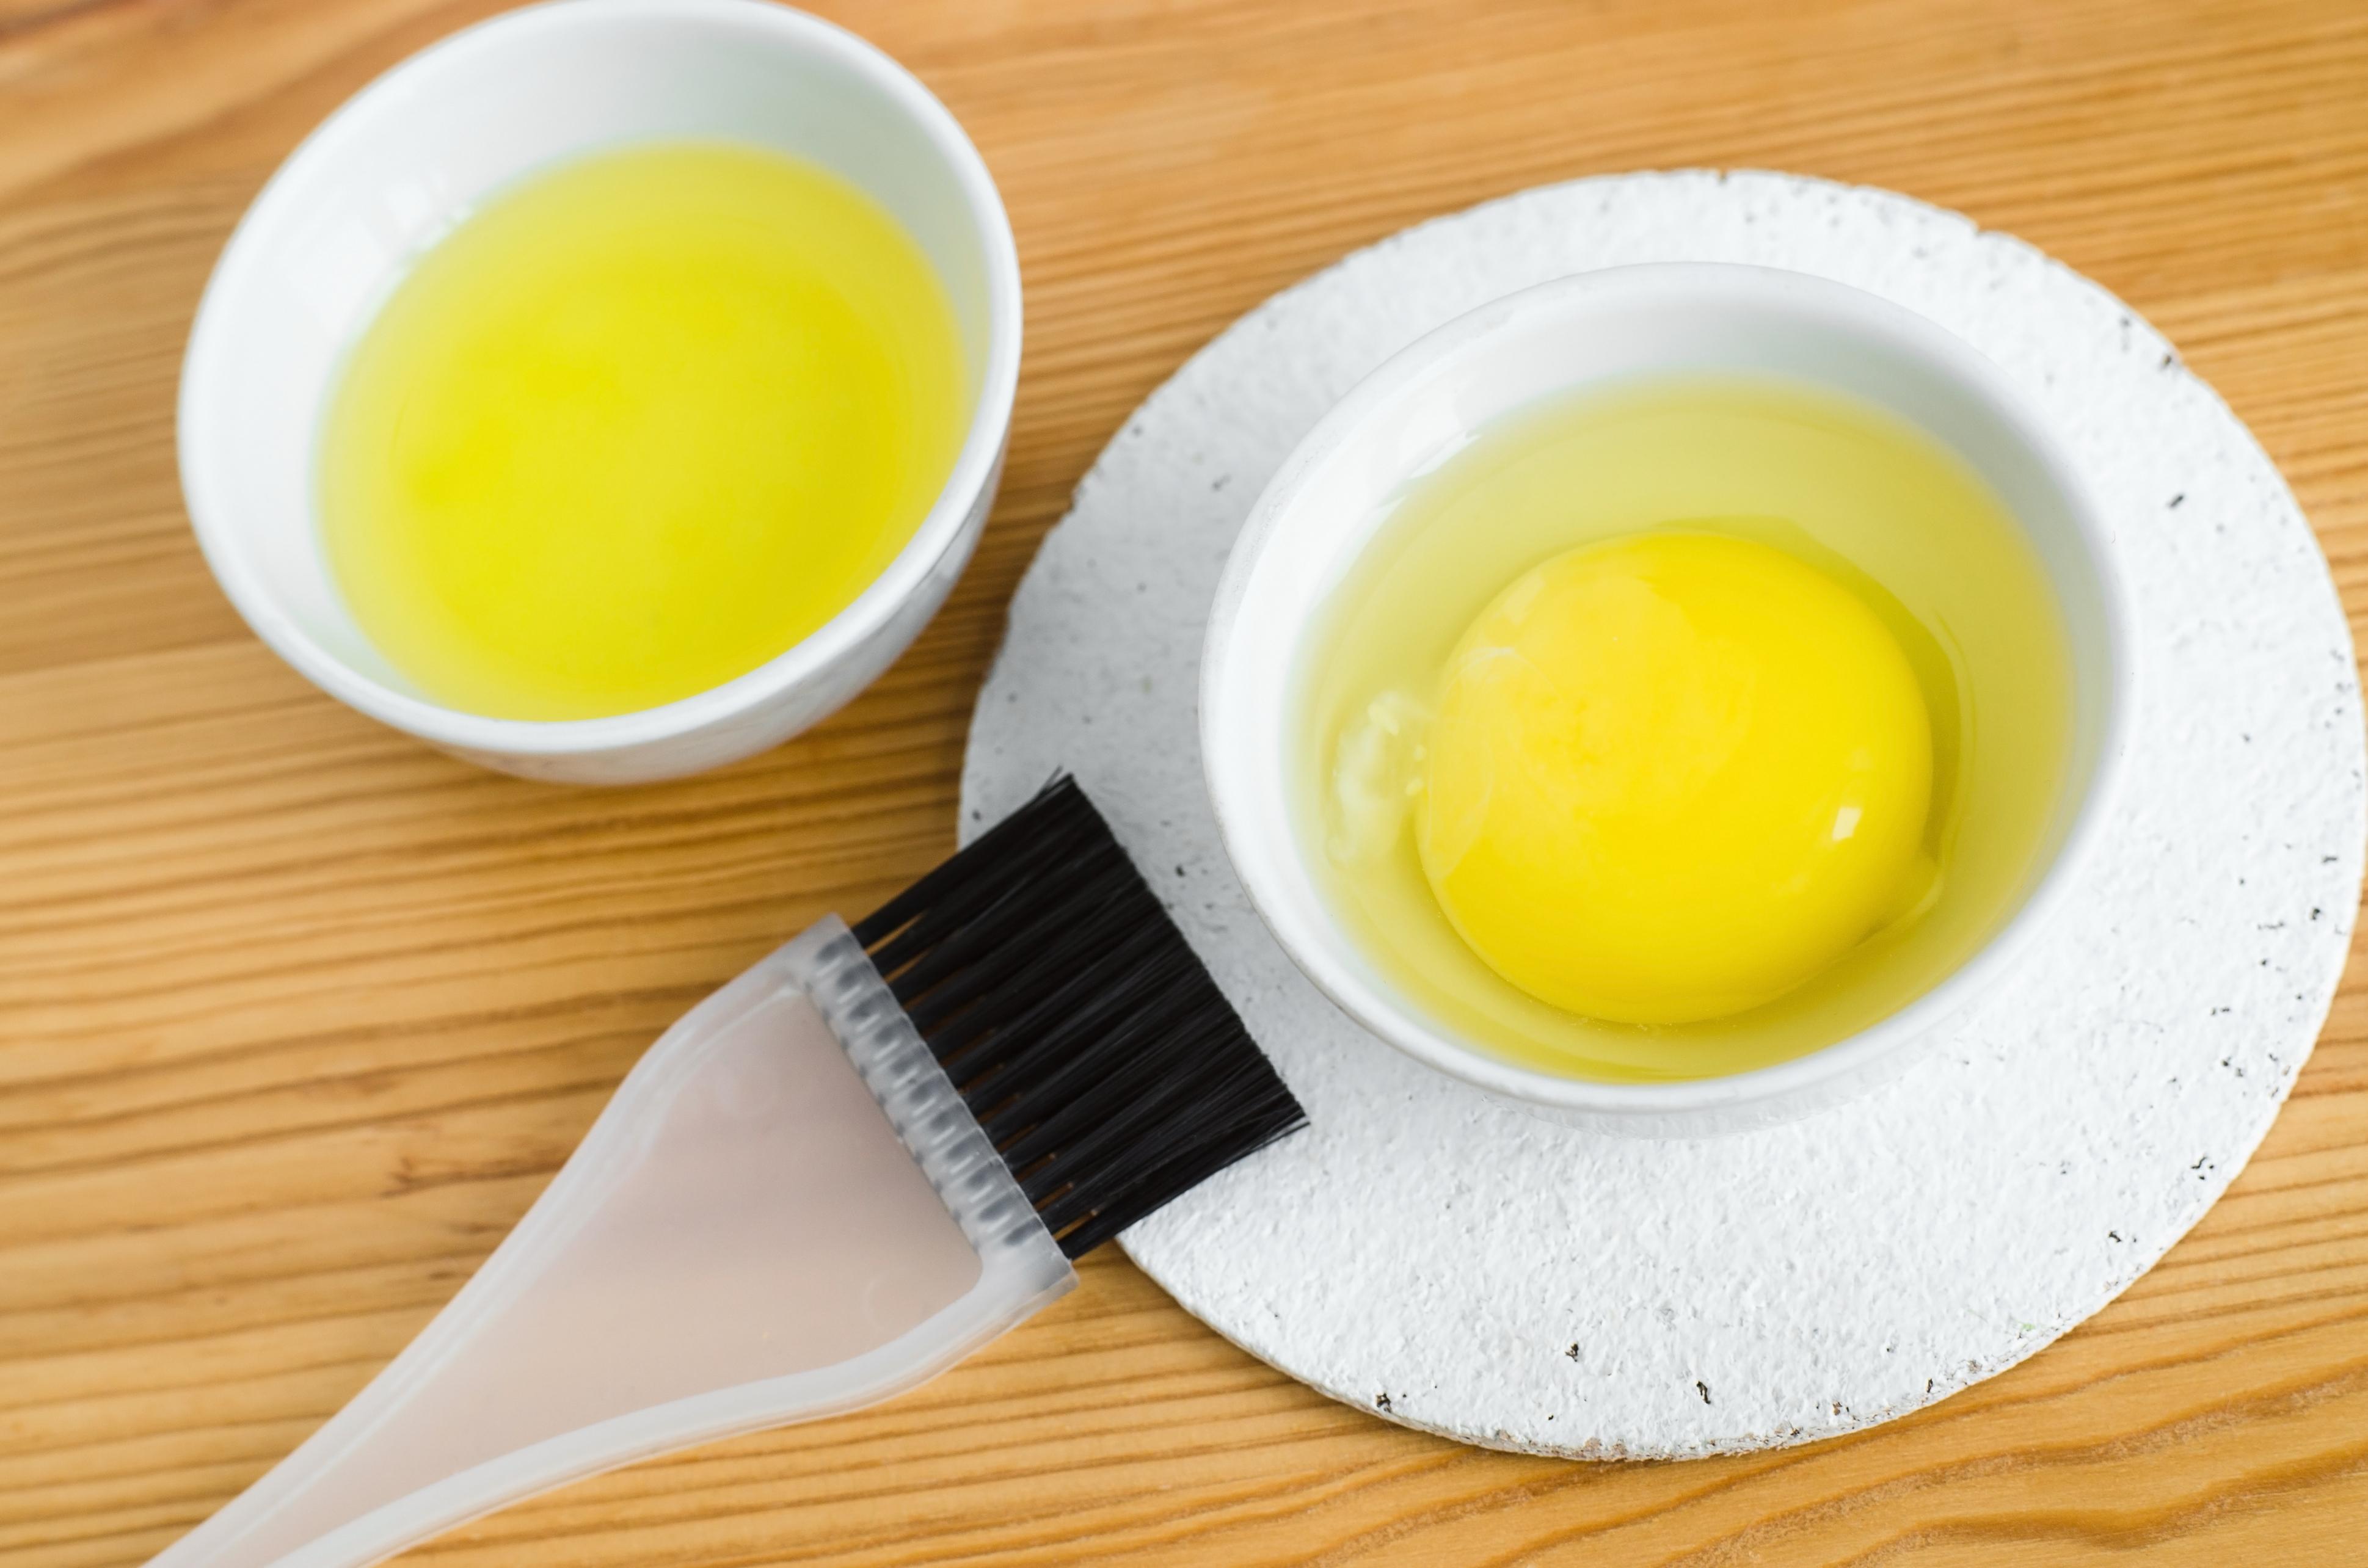 Los nutrientes que brinda el huevo y el melón forman una poderosa mezcla para acelerar la regeneración de las células de la piel.